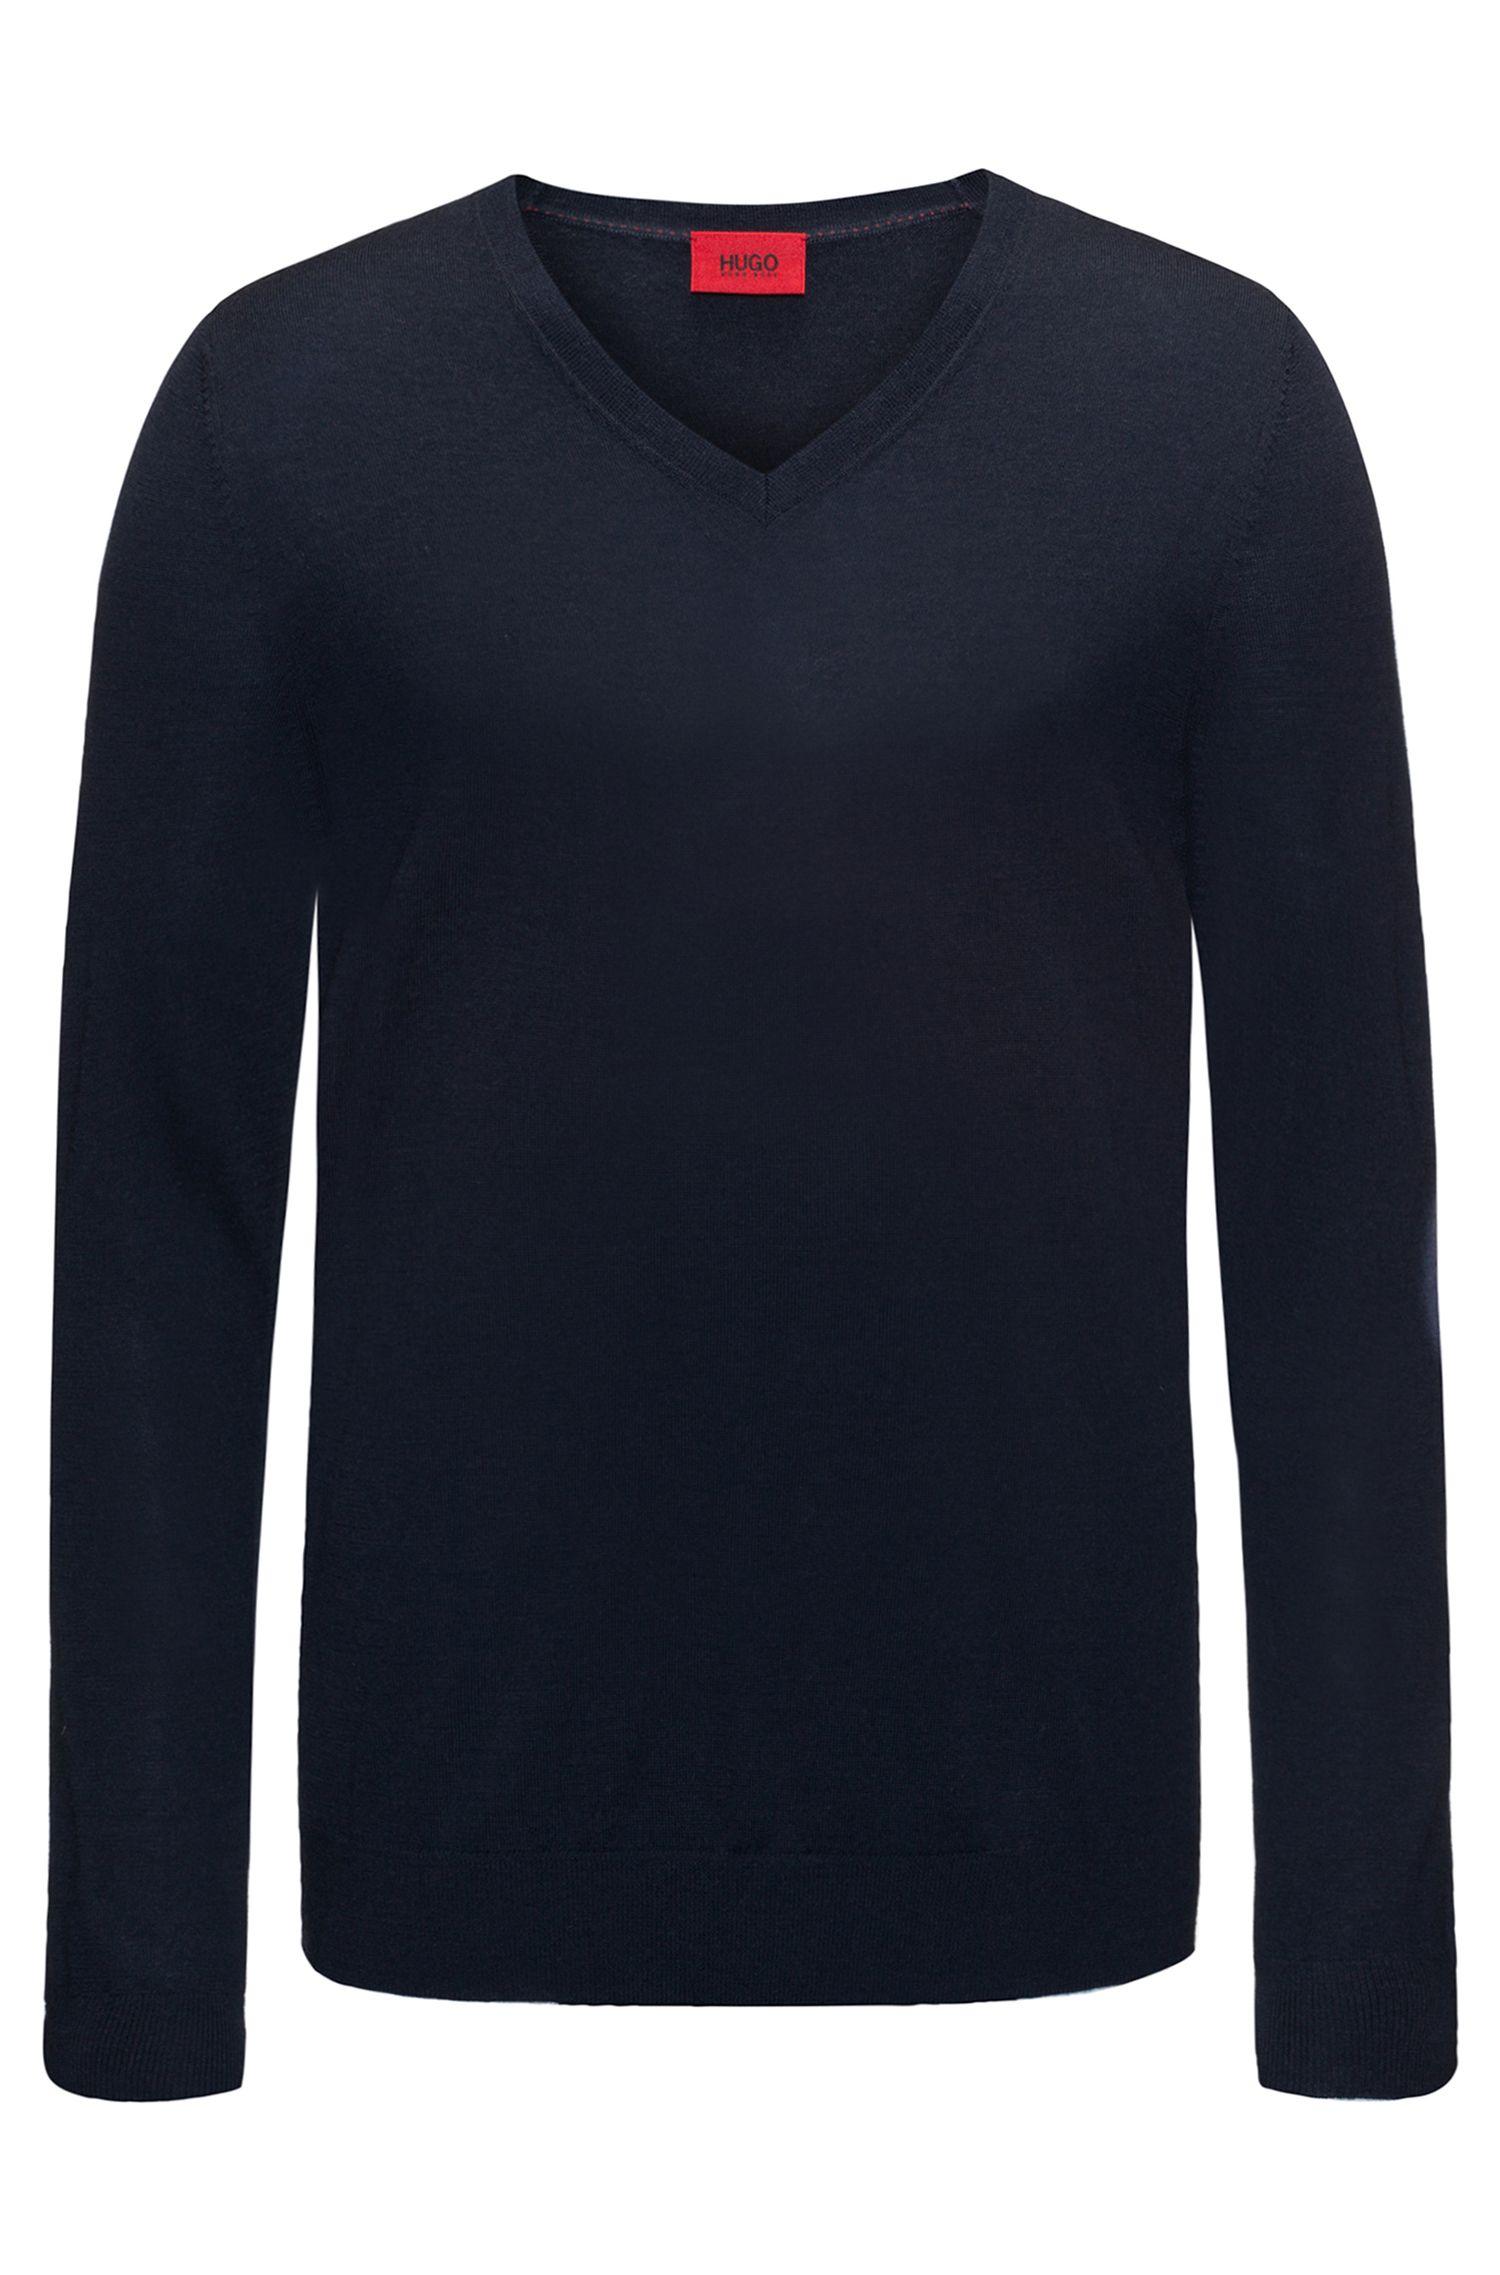 Pull à colV léger en laine mérinos mélangée, Bleu foncé